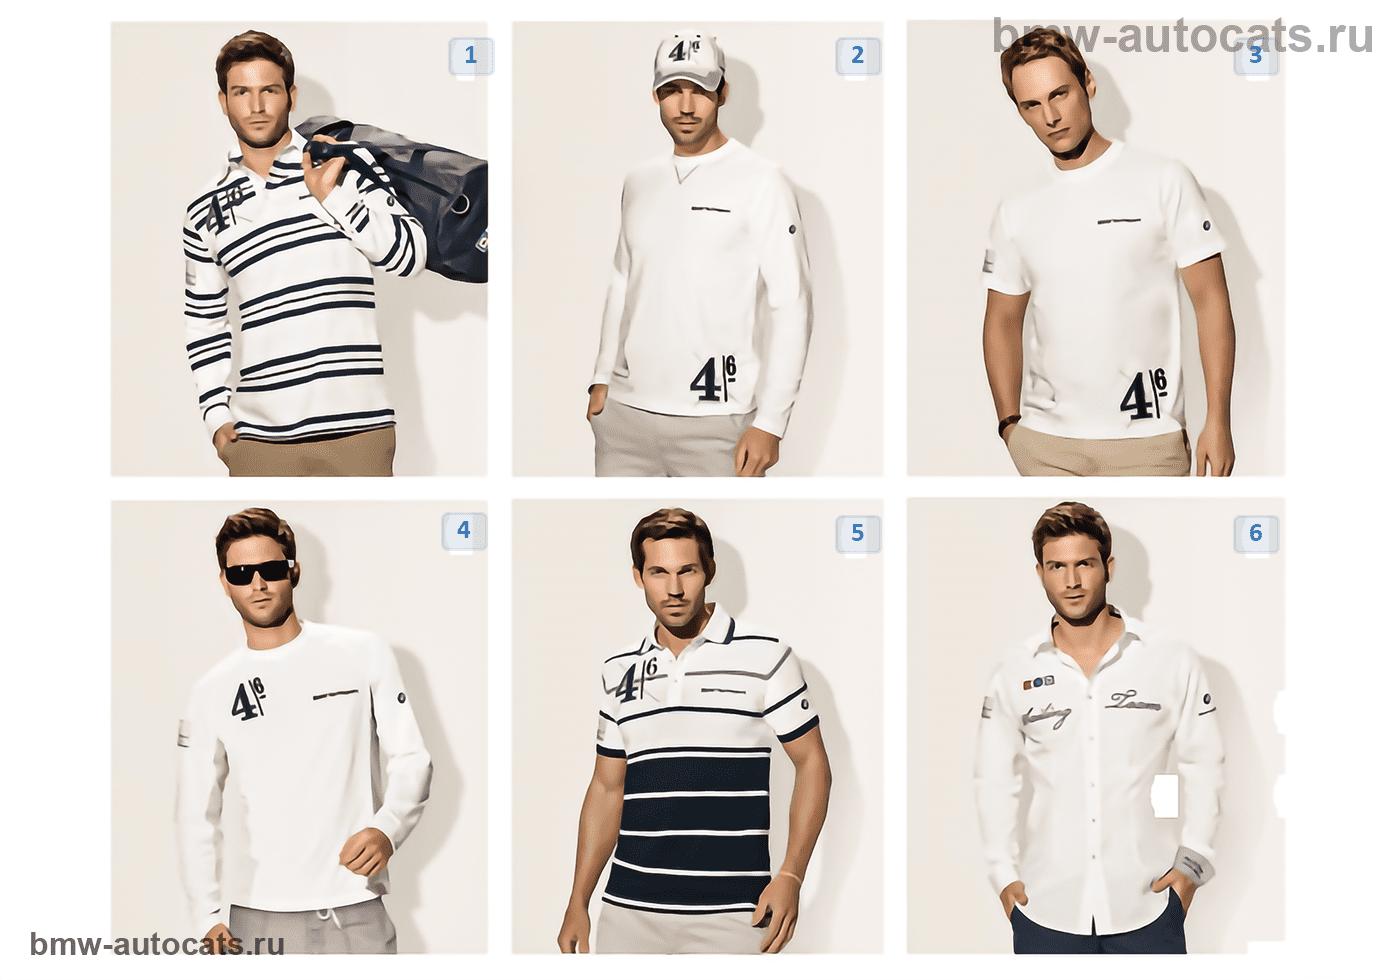 Yachtsport — Herren Shirts 2010/11